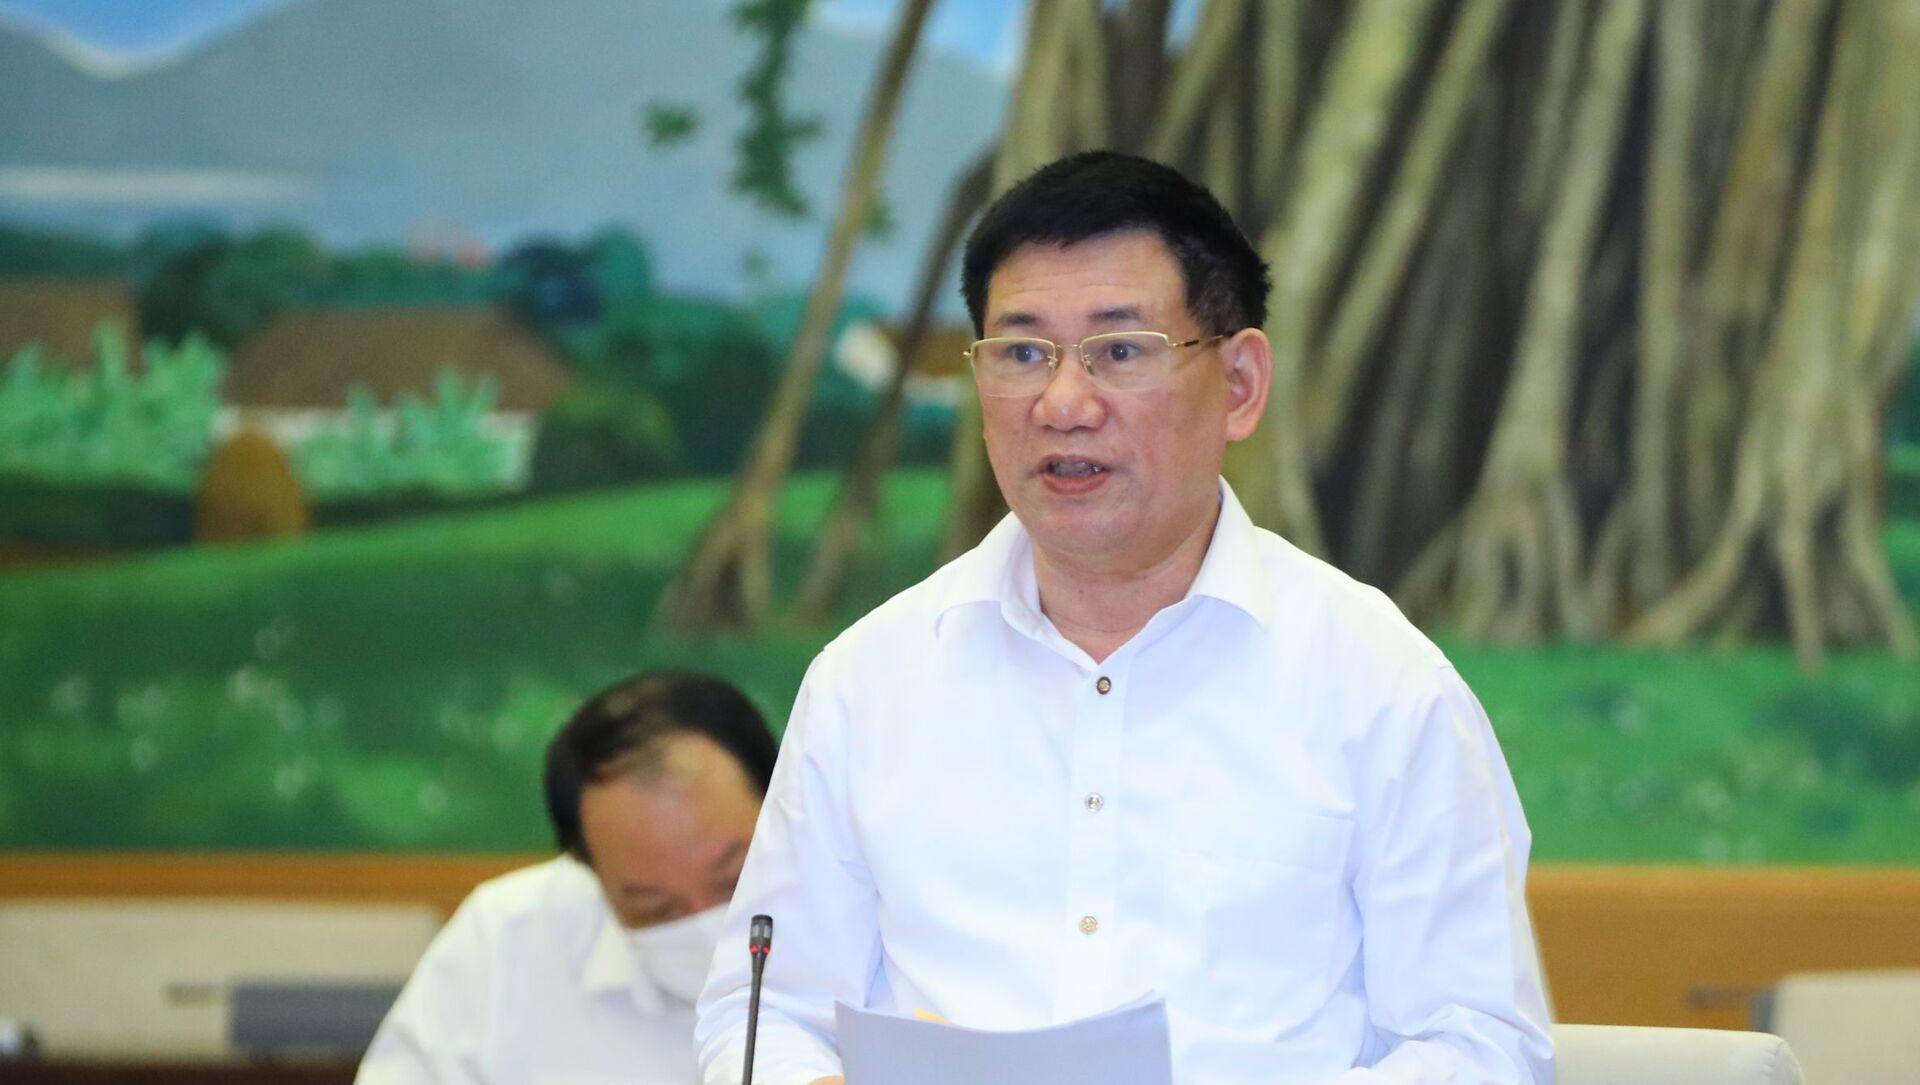 Bộ trưởng Bộ Tài chính Hồ Đức Phớc trình bày tờ trình - Sputnik Việt Nam, 1920, 17.09.2021